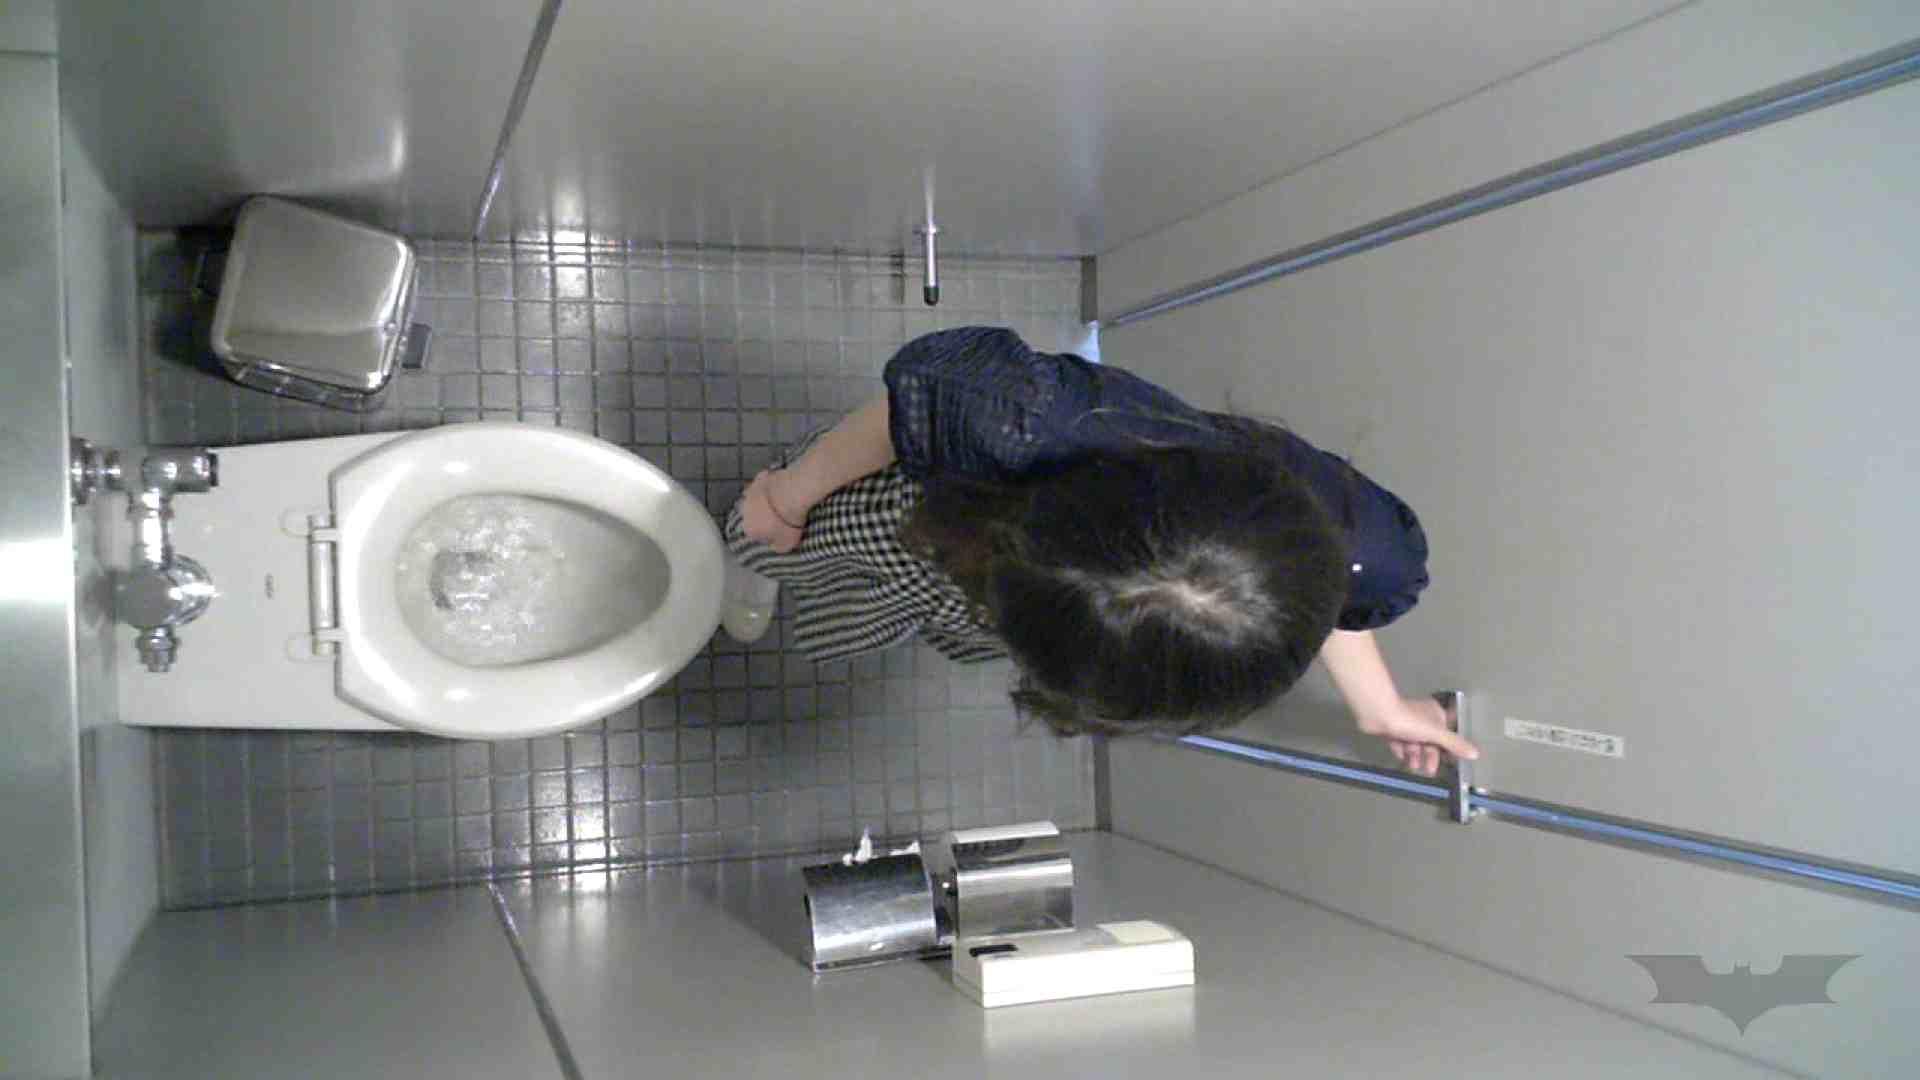 有名大学女性洗面所 vol.36 すっごい「ほじって」ます。 排泄 セックス画像 60pic 59